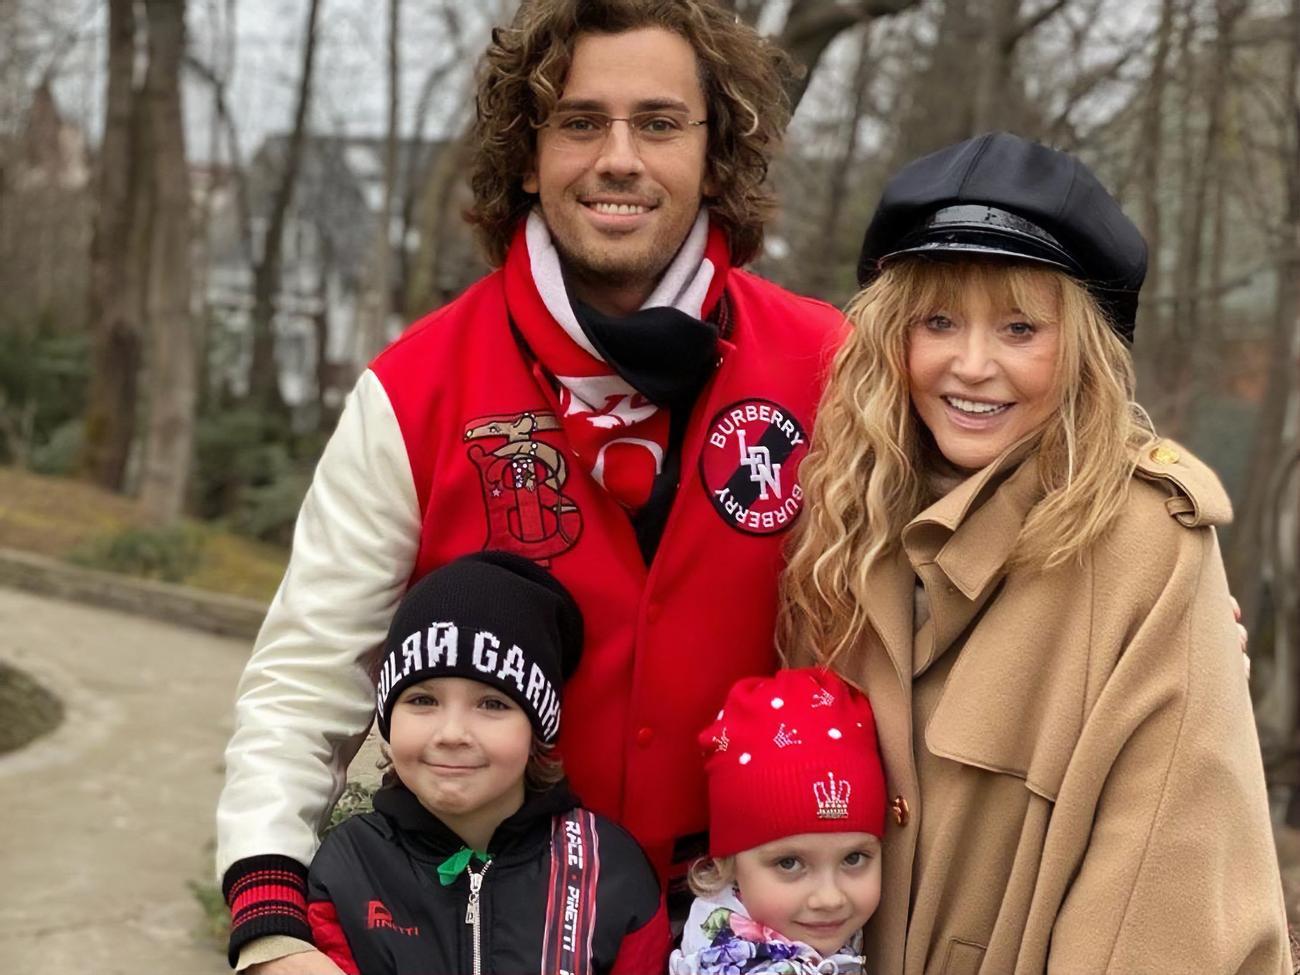 Максим Галкин поделился новым семейным видео с женой Аллой Пугачевой и их детьми